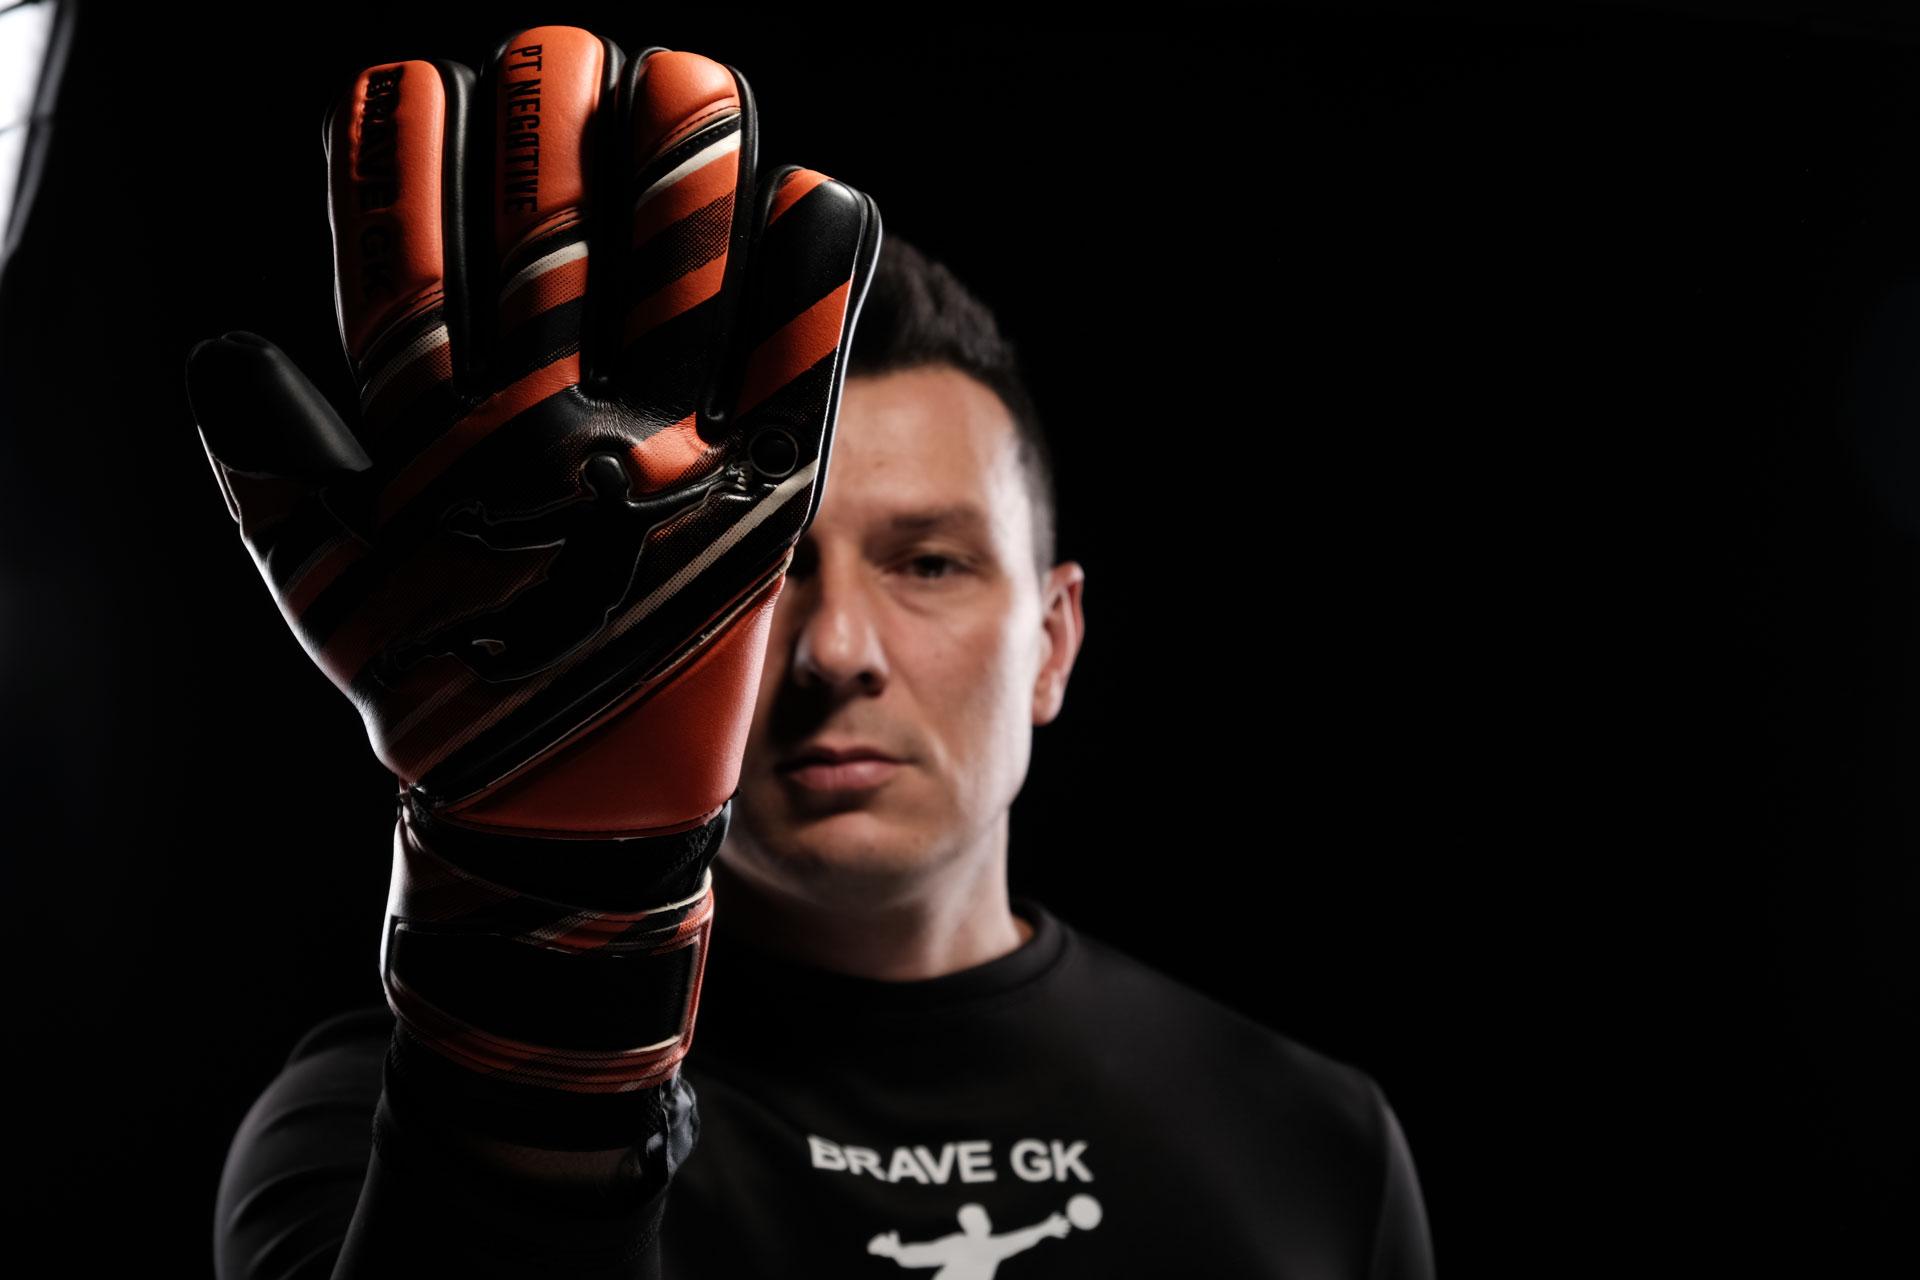 Воротарські рукавиці Brave GK Power Train Orange-офіційний інтернет-магазин Brave GK